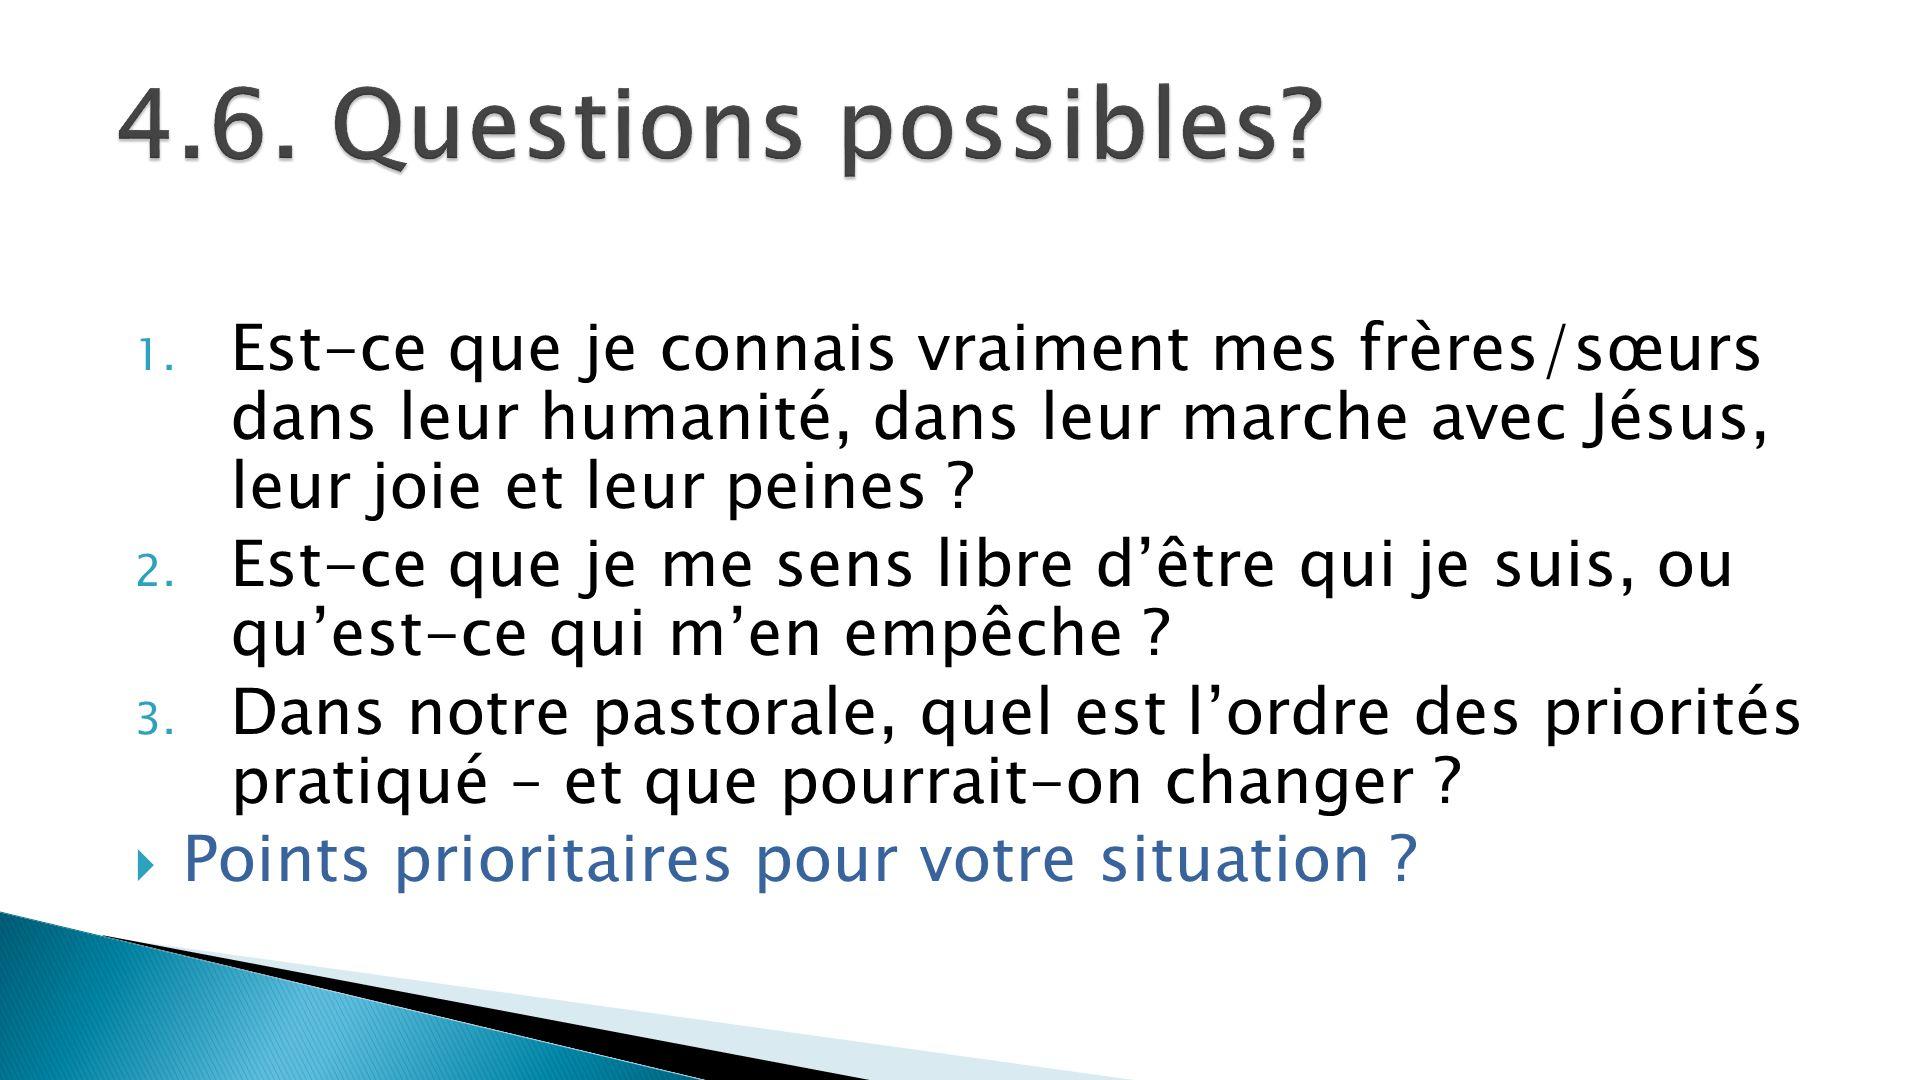 4.6. Questions possibles